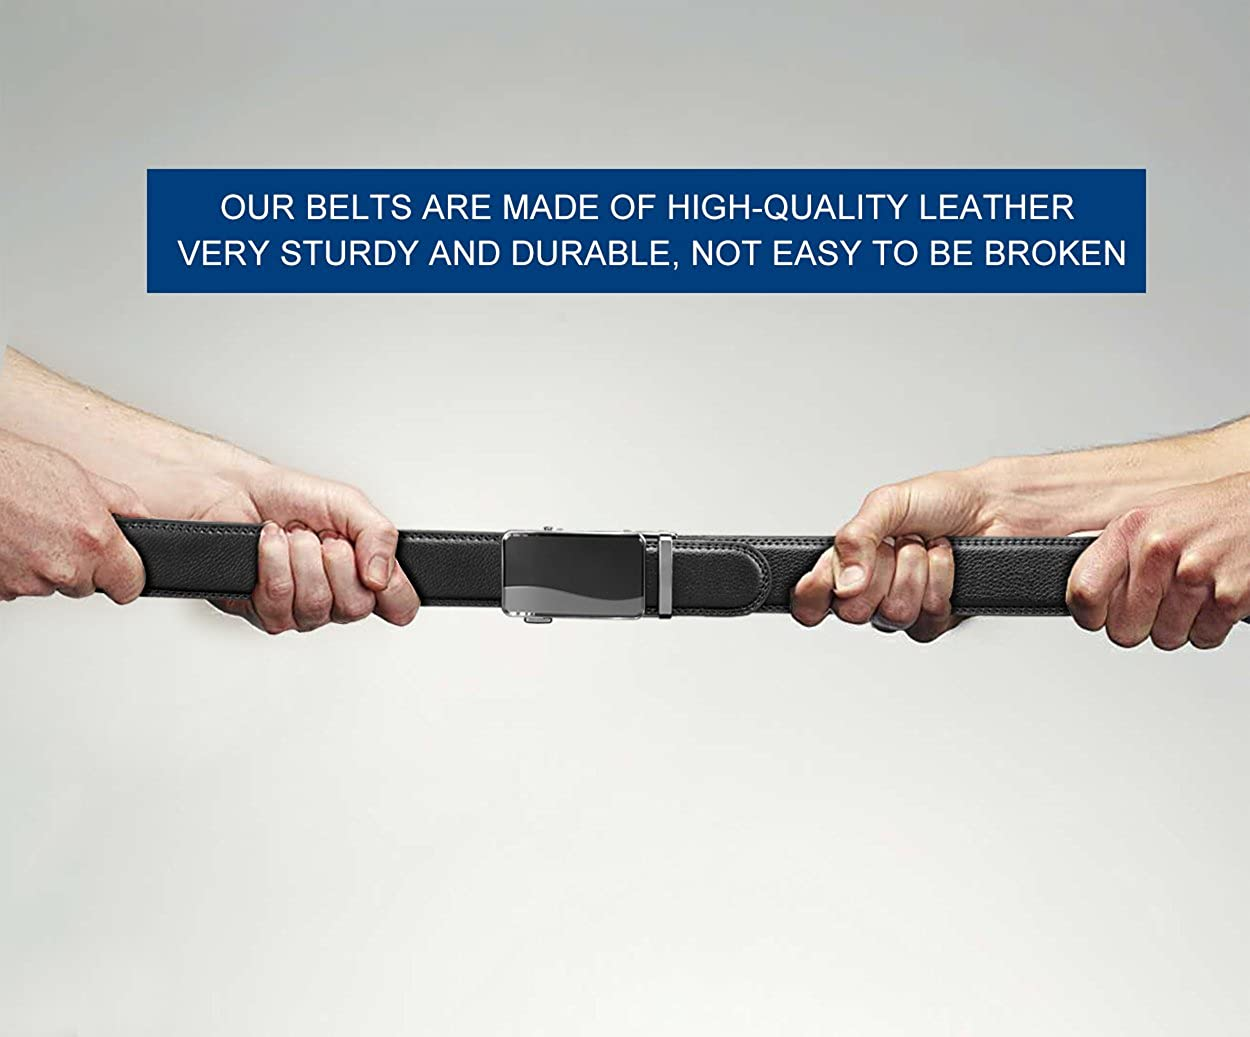 28-58 Big and Tall Mens Belt,Black Adjustable Holeless Click Ratchet Genuine Leather Belts